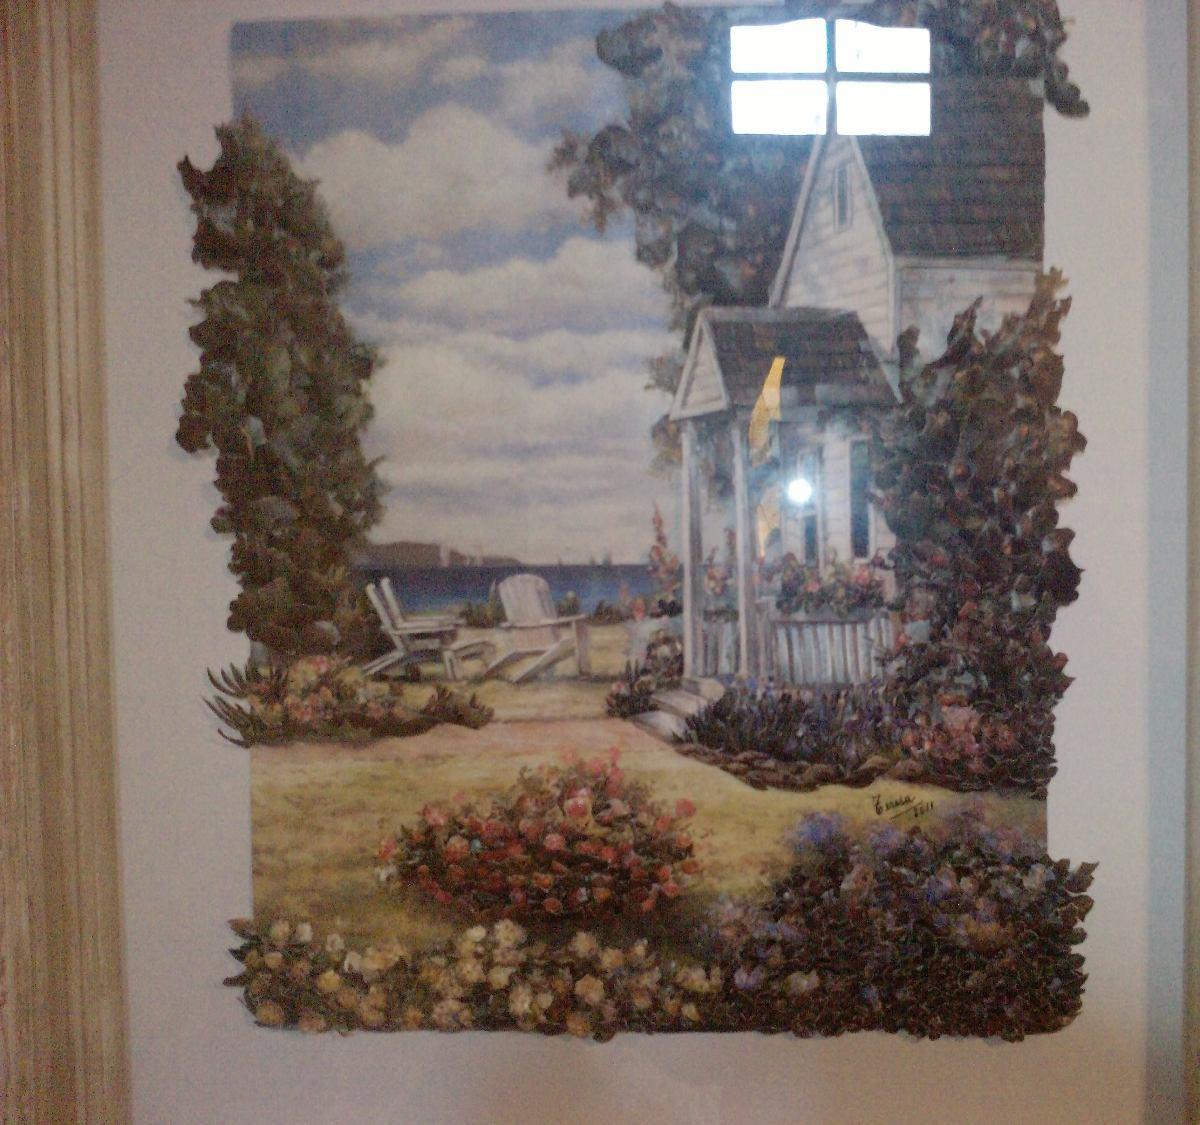 Cuadro Arte Frances Marco Madera Tallada. - $ 9.452,50 en Mercado Libre